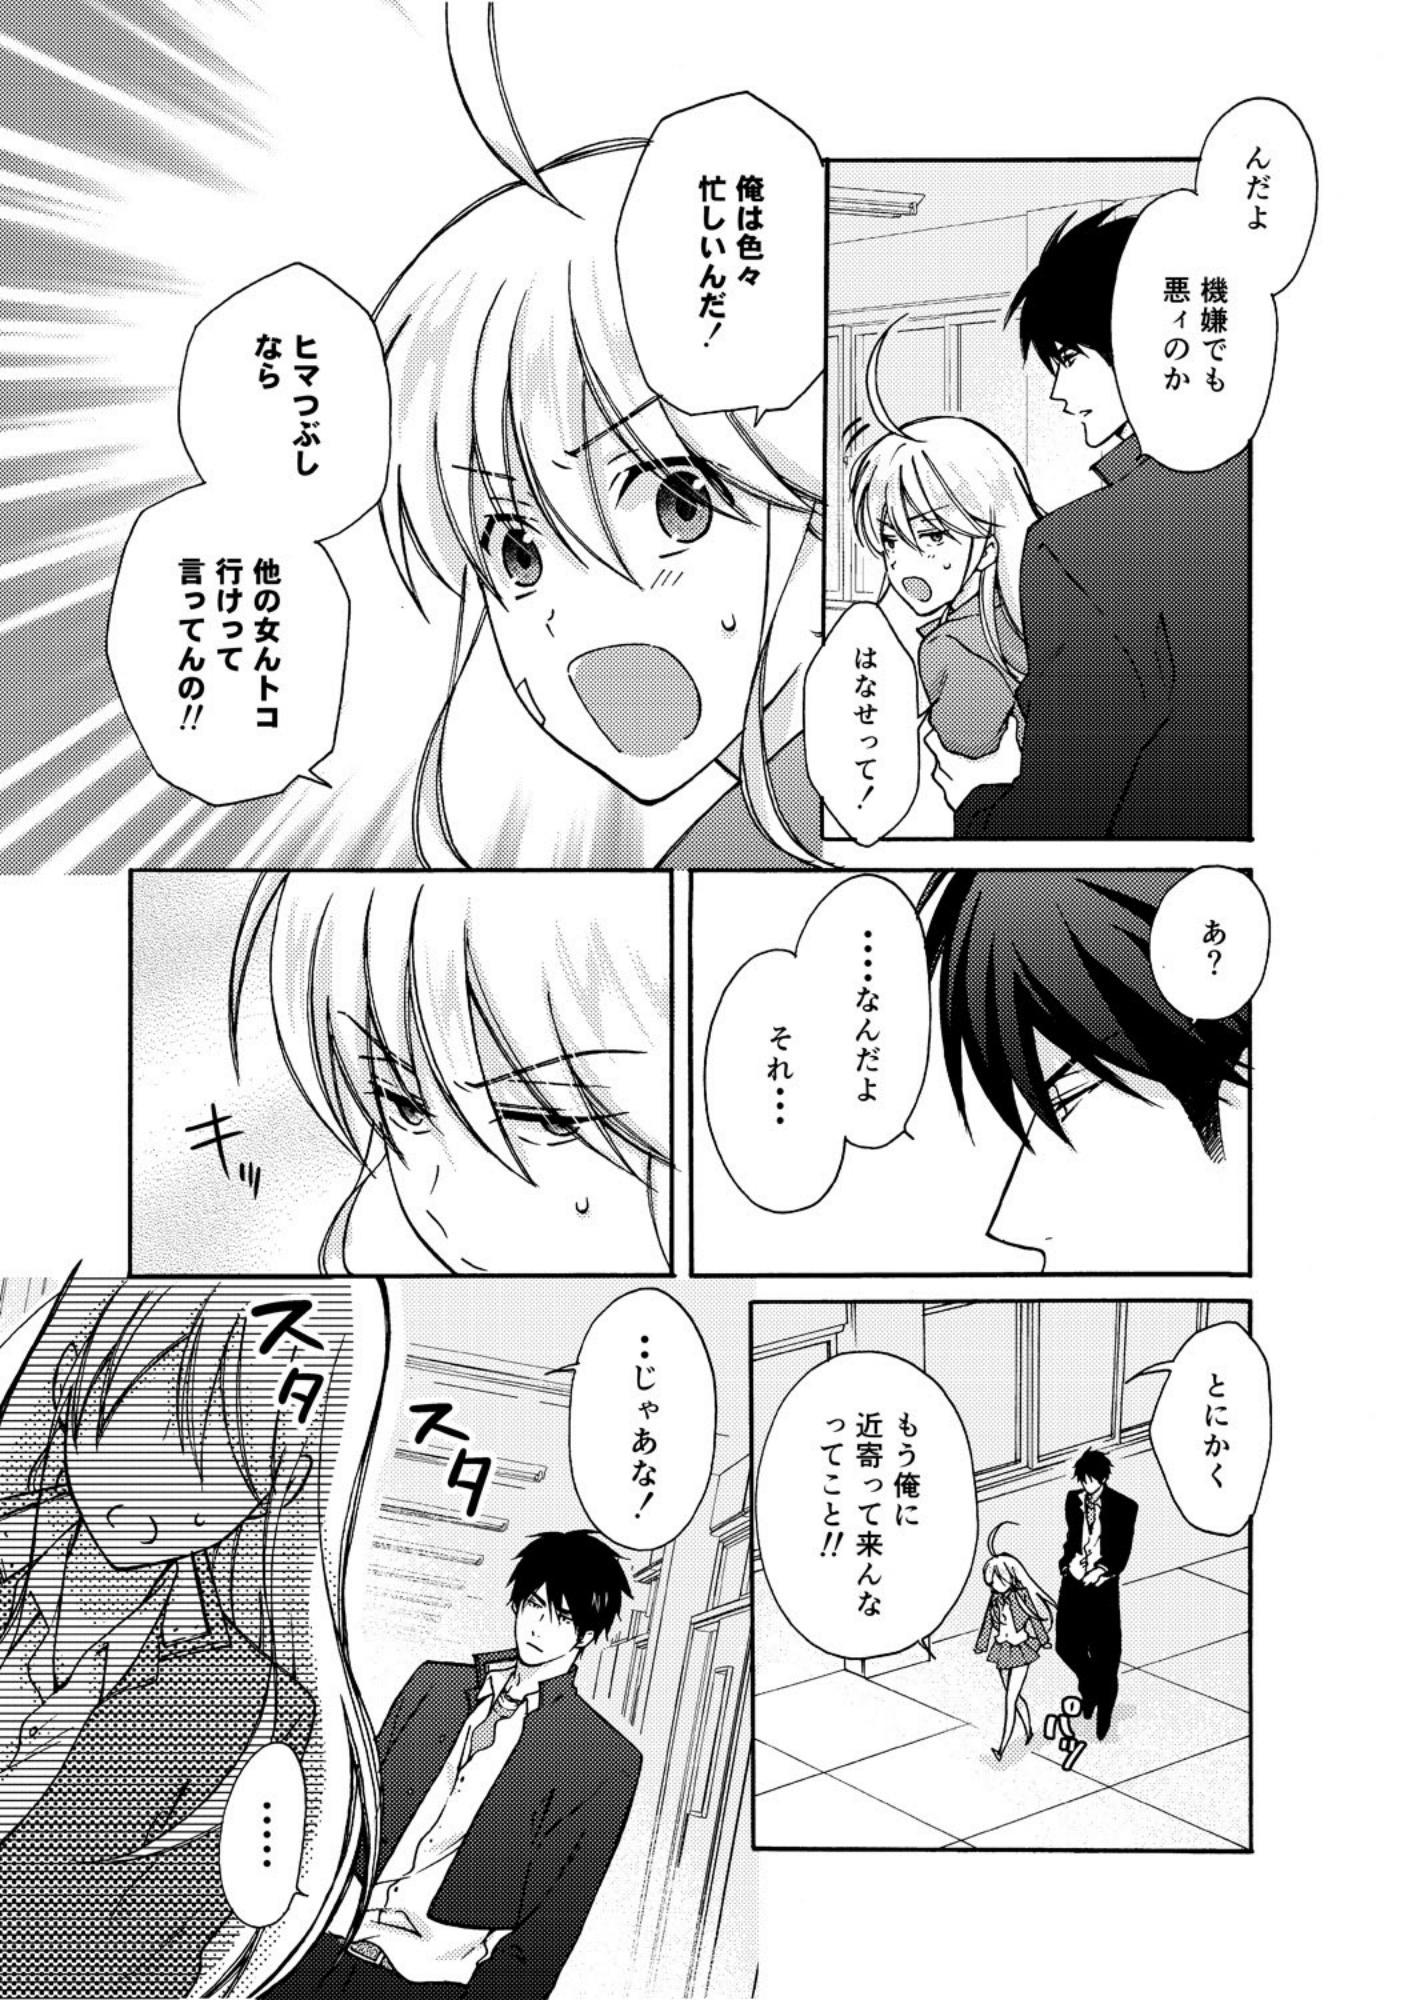 Nyotaika Yankee Gakuen ☆ Ore no Hajimete, Nerawaretemasu. 5 8